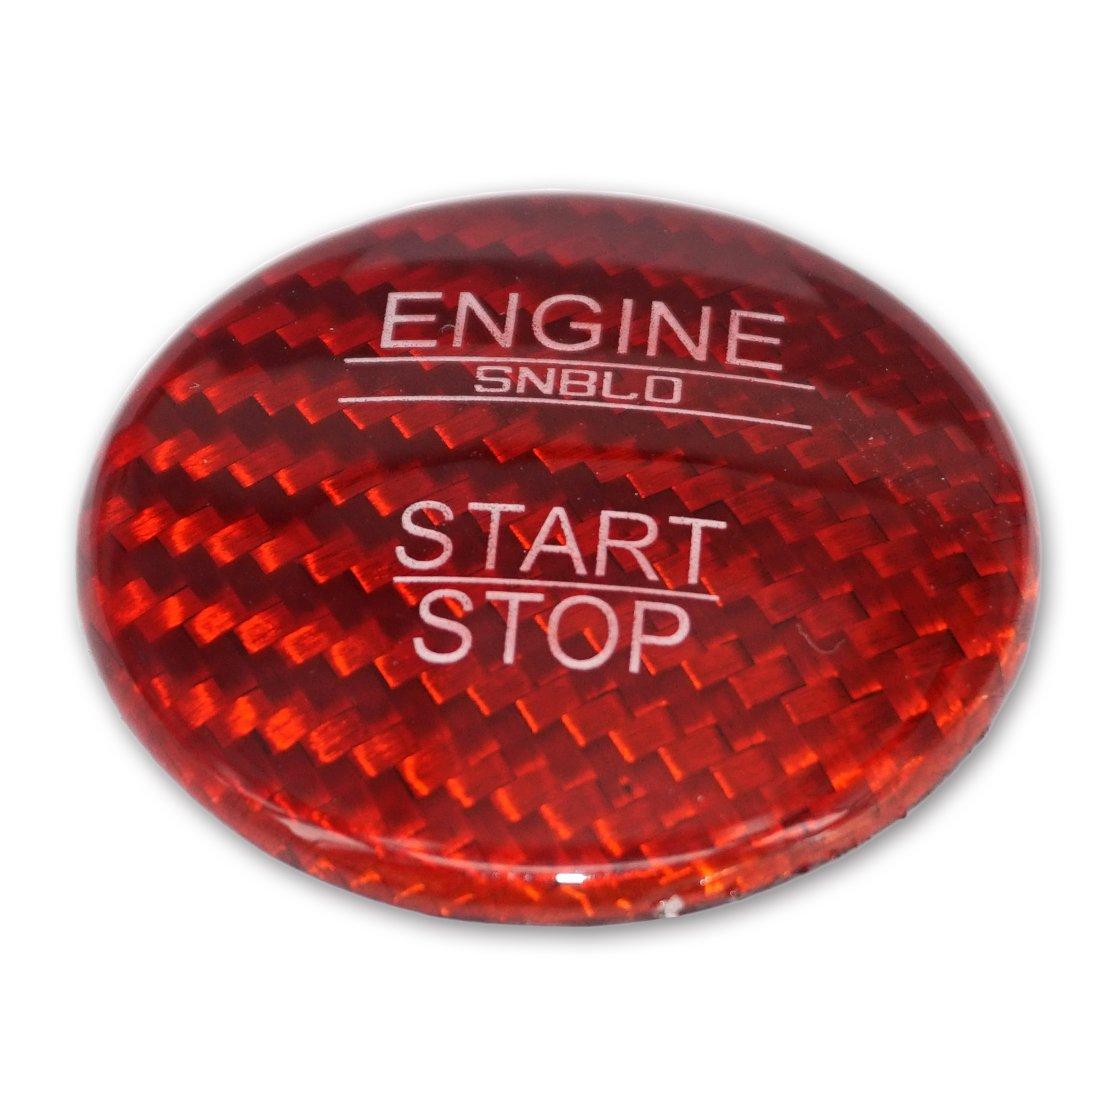 beler Rot Kohlefaser Motor Start Stop Druckknopf Abdeckung Abdeckkappe Abdeckhaube fü r Benz E Klasse W212 E180 E200 E260 E300 E320 E400 hermeshine